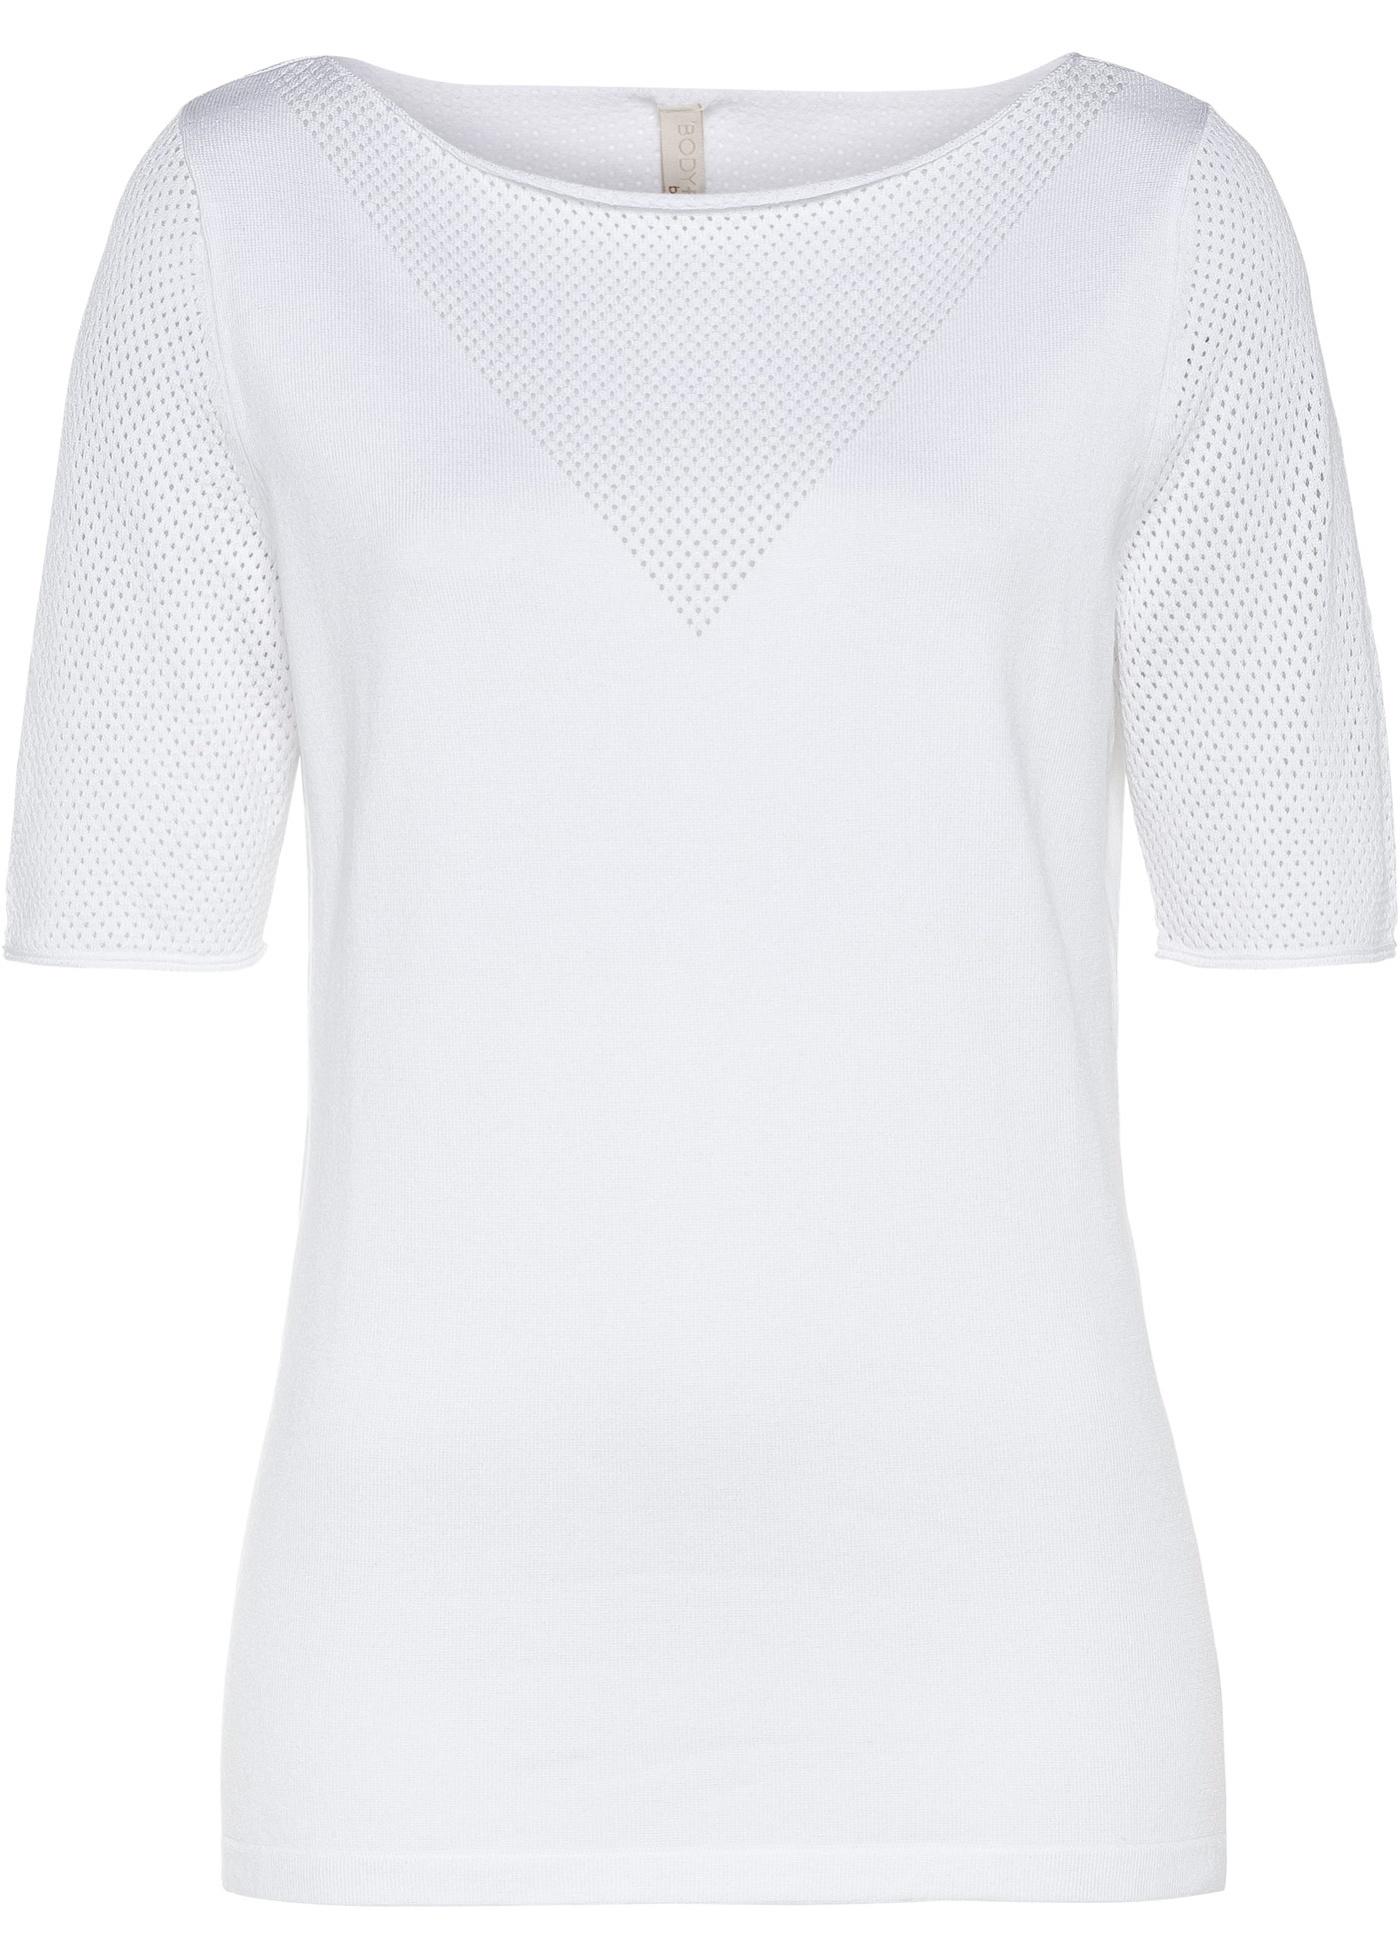 Strickshirt halber Arm  in weiß für Damen von bonprix